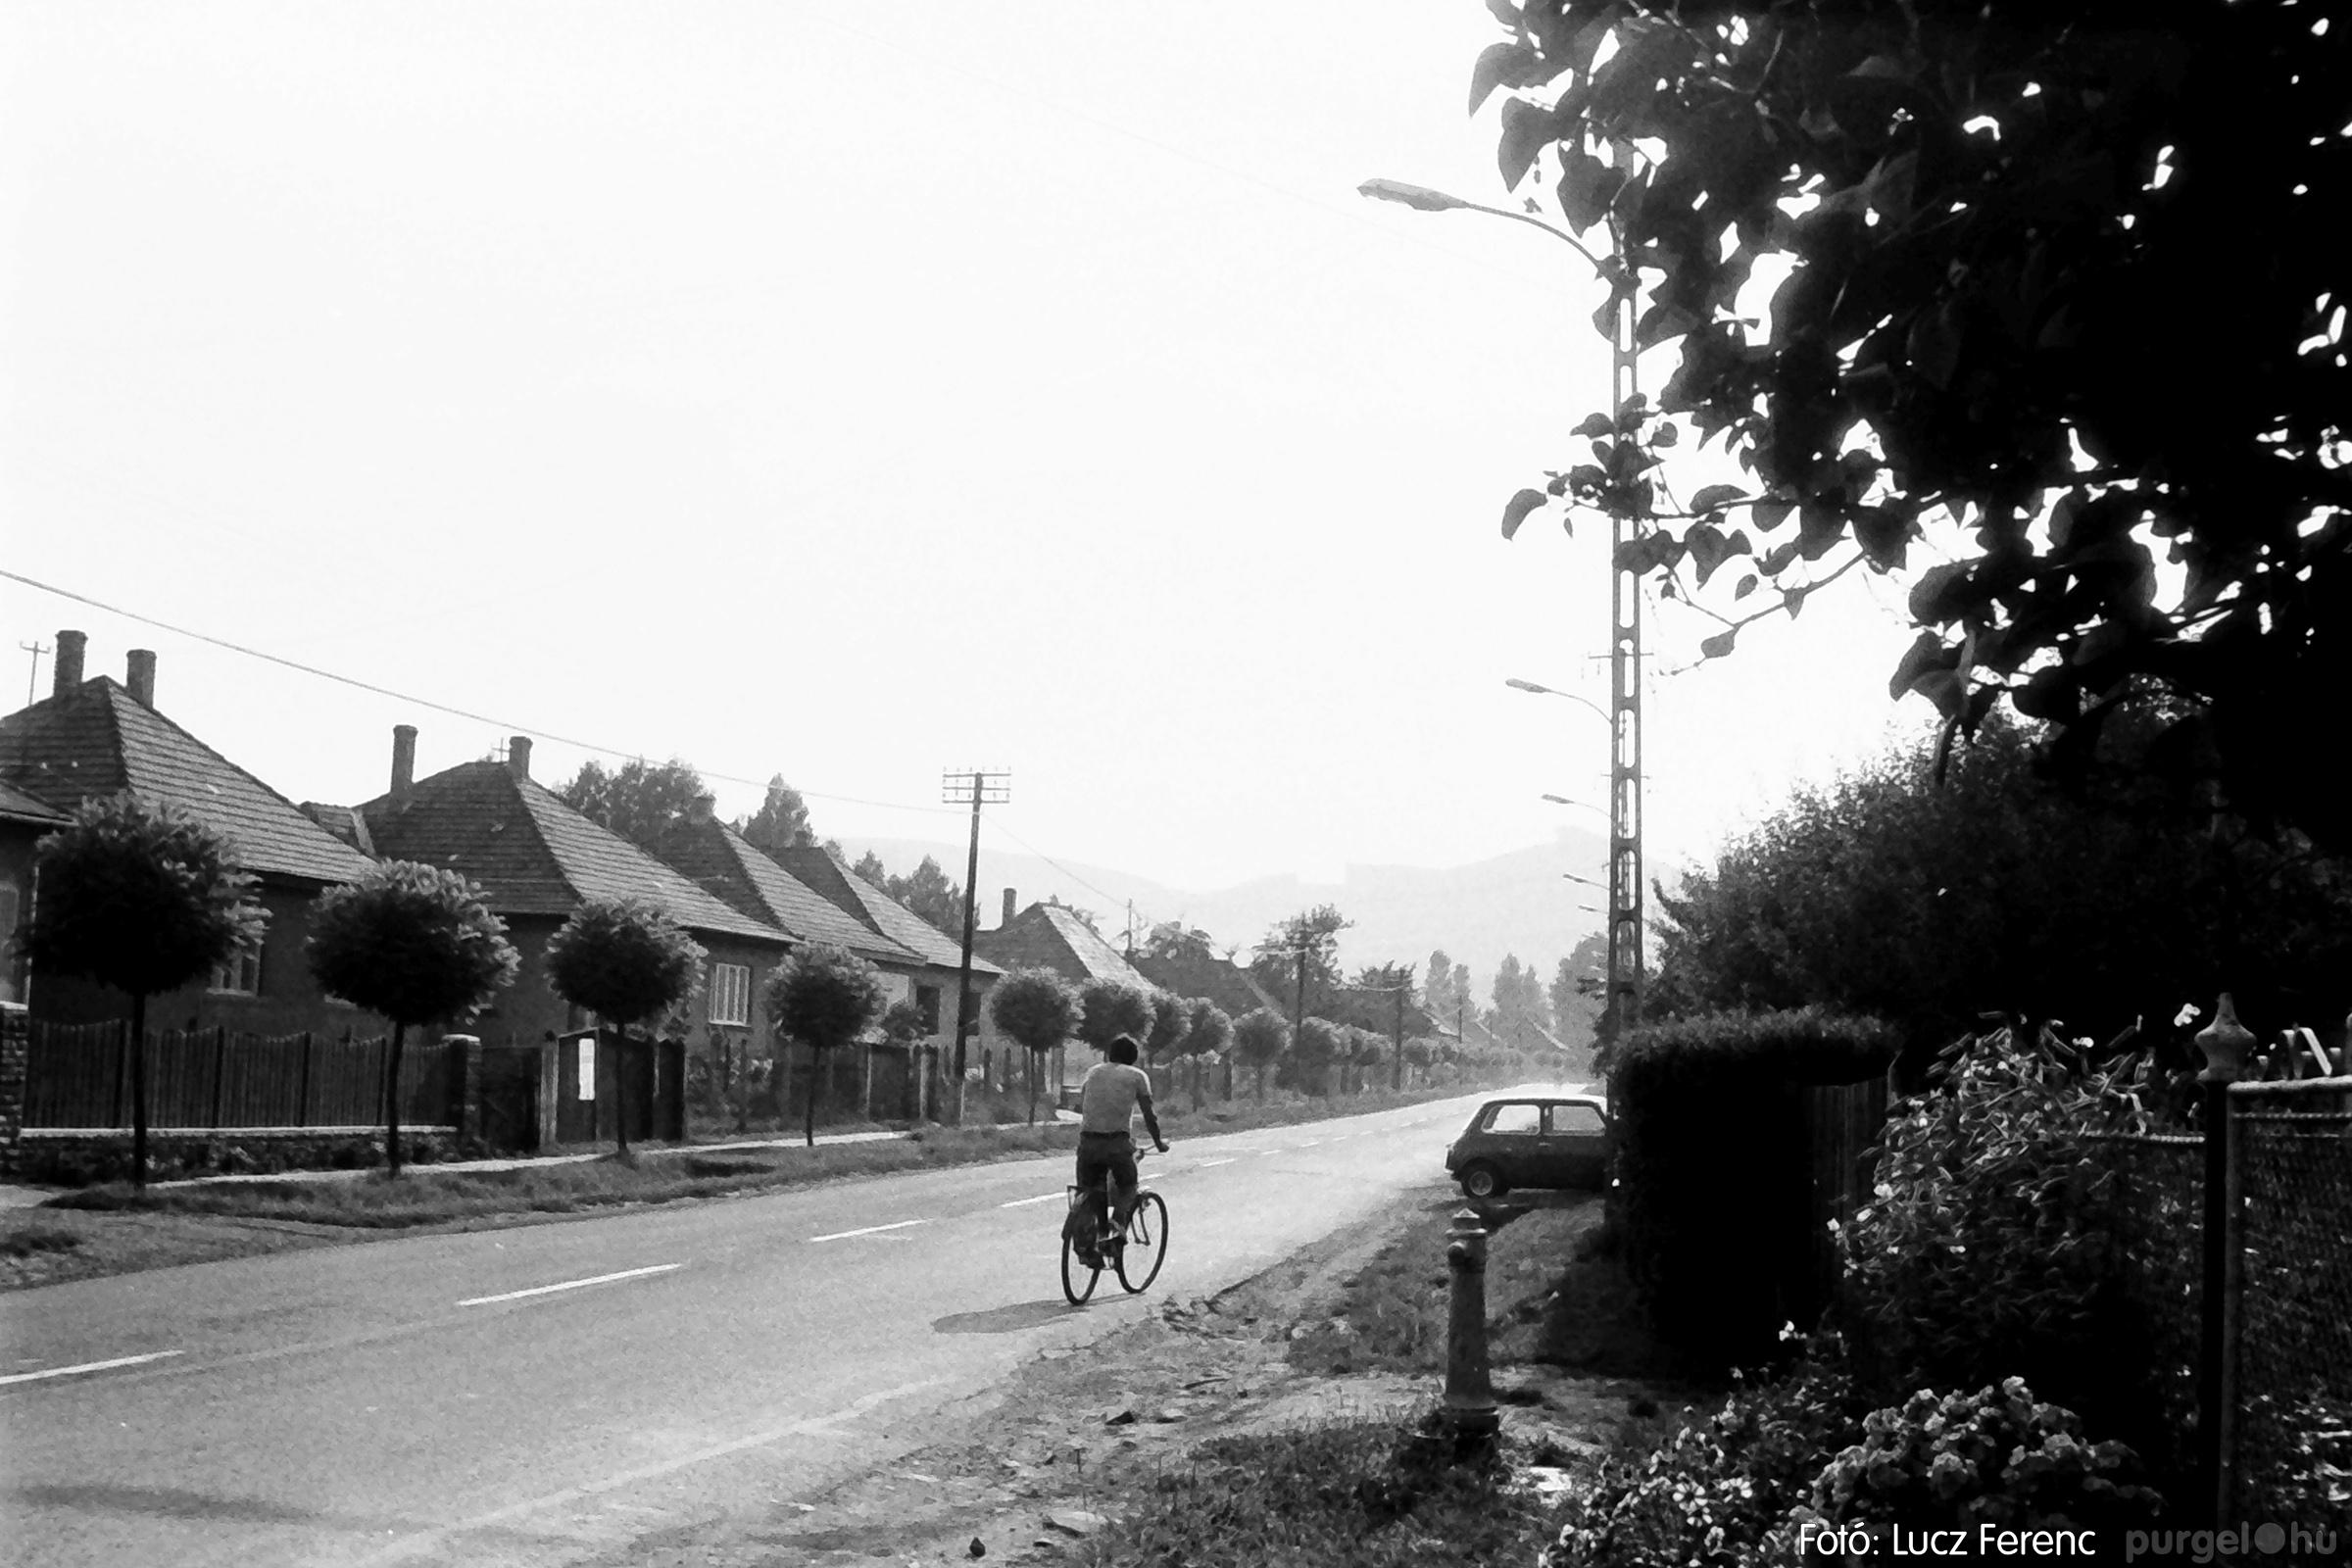 086, 088. 1977. Nyári tábor a Mátrában 041. - Fotó: Lucz Ferenc.jpg